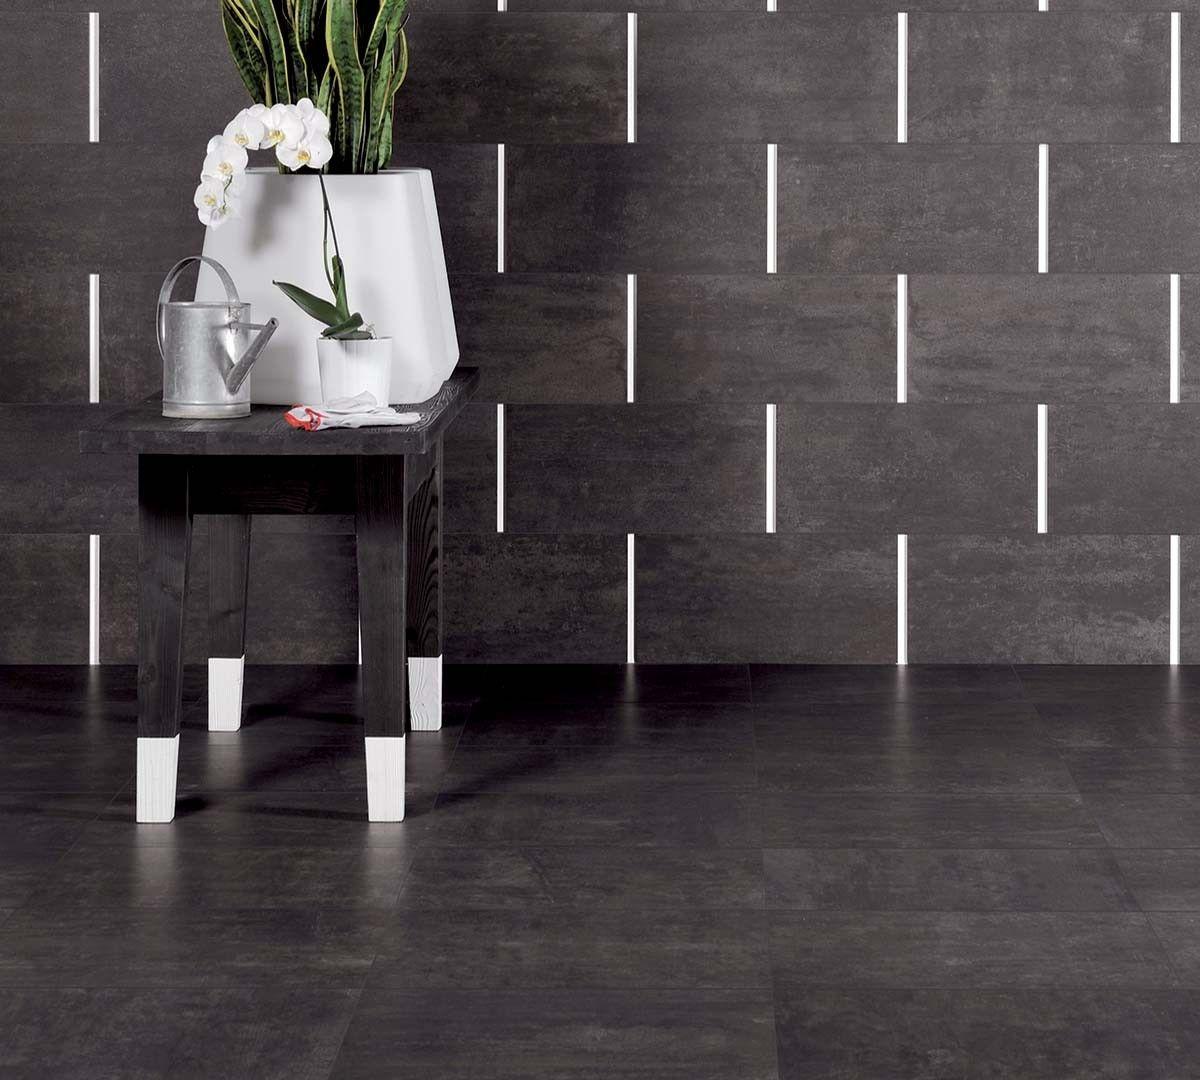 Floor LAVAGNA Natural 12×24 Rect Wall LAVAGNA Natural 12×24 Rect – ALLUMINIO LUCIDO Bacchetta 0.5×24 Scene